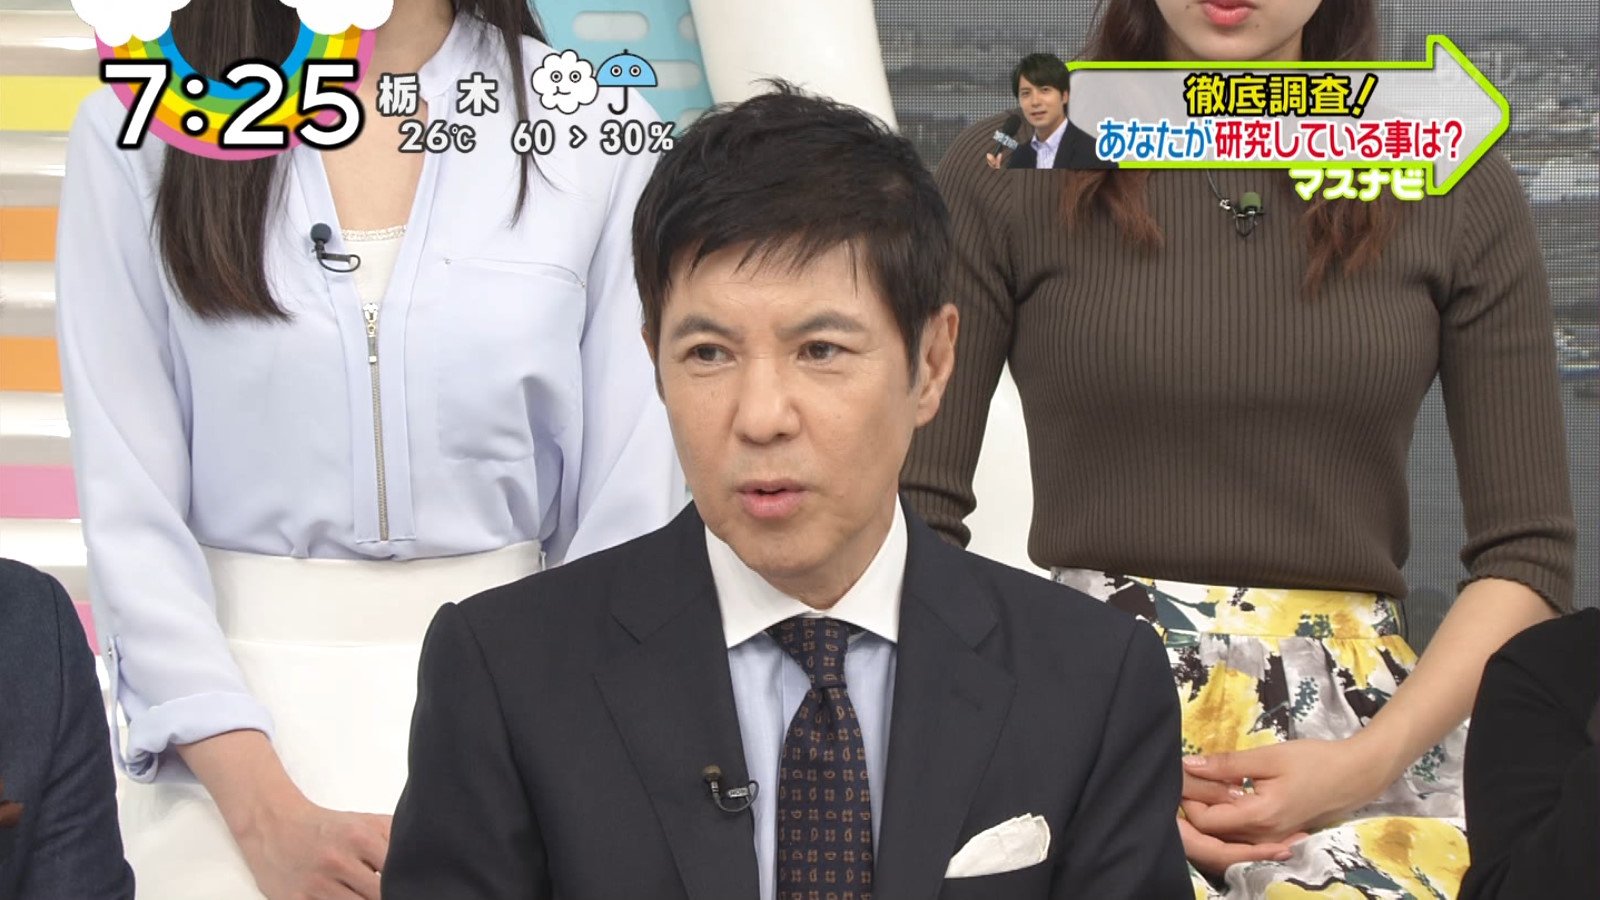 郡司恭子のパンチラエロ画像